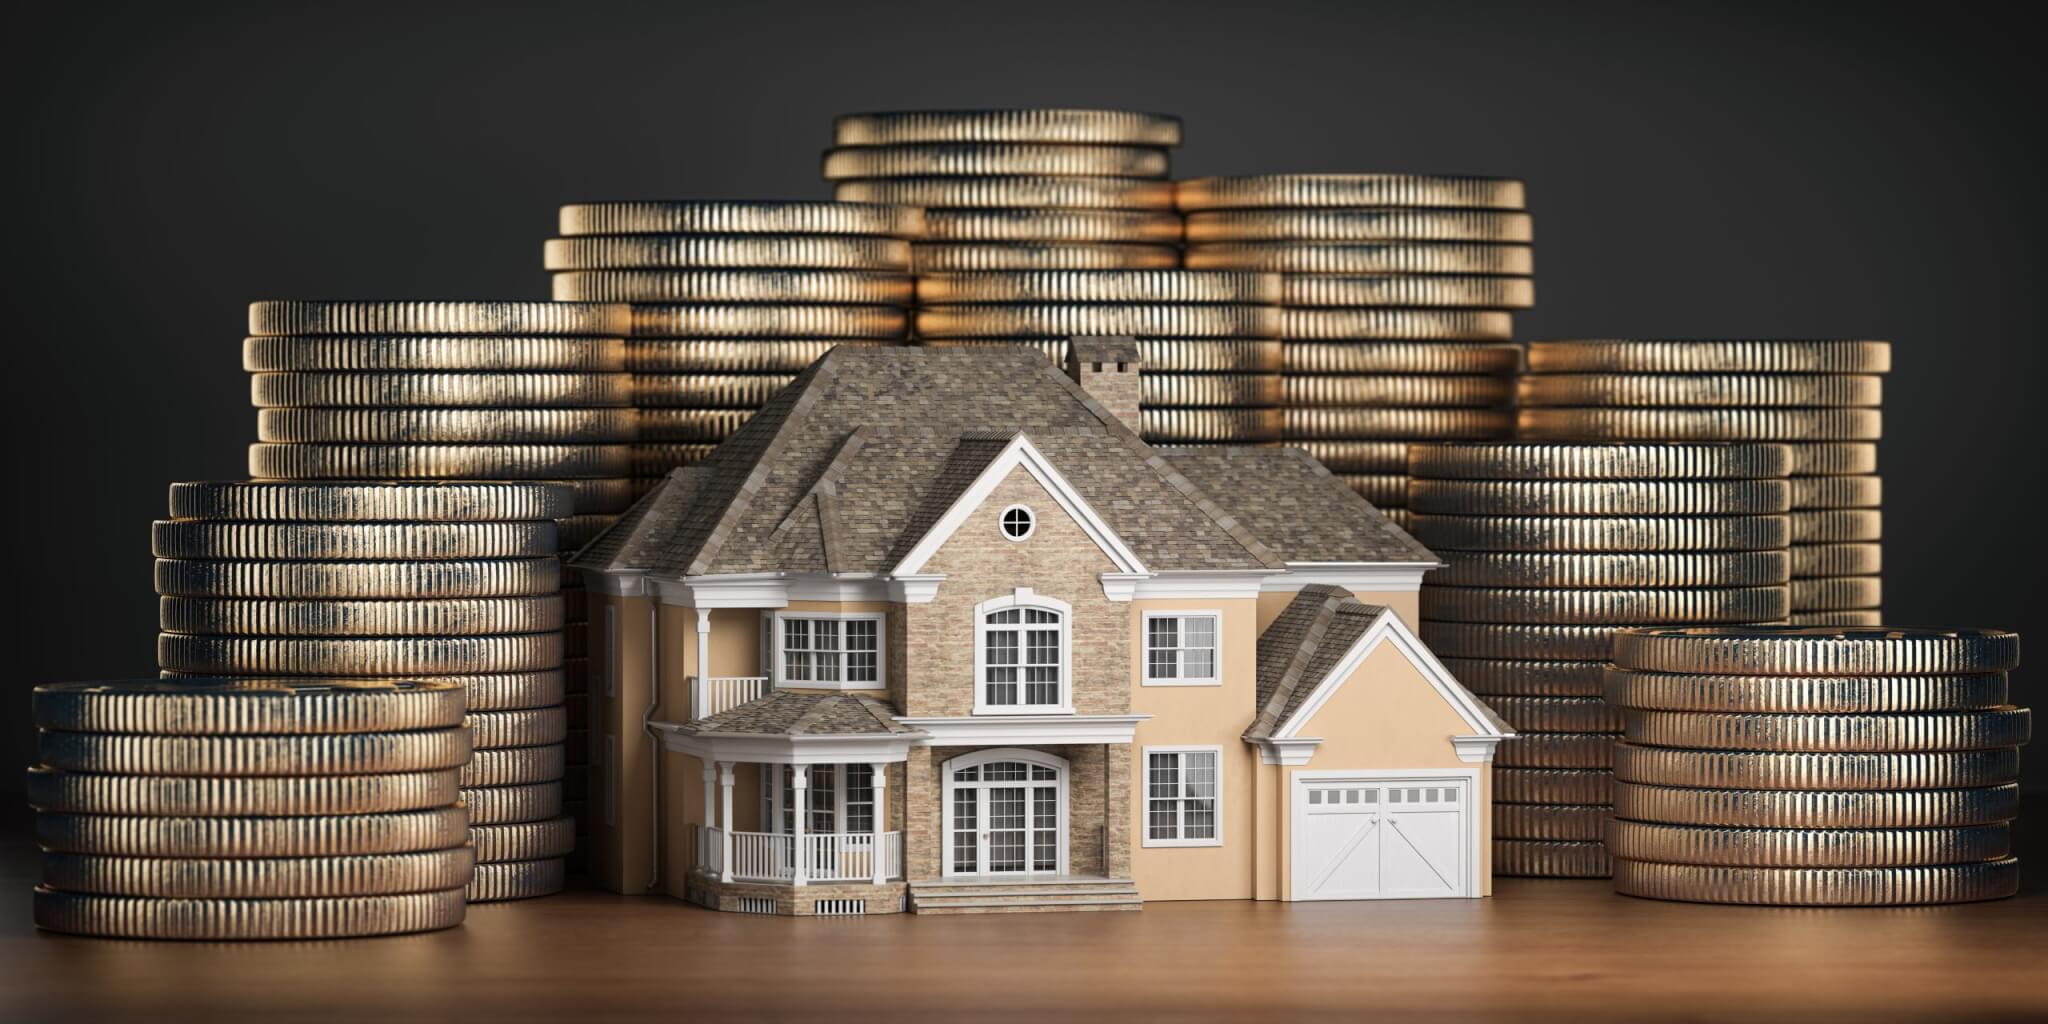 hypotheek vergelijken